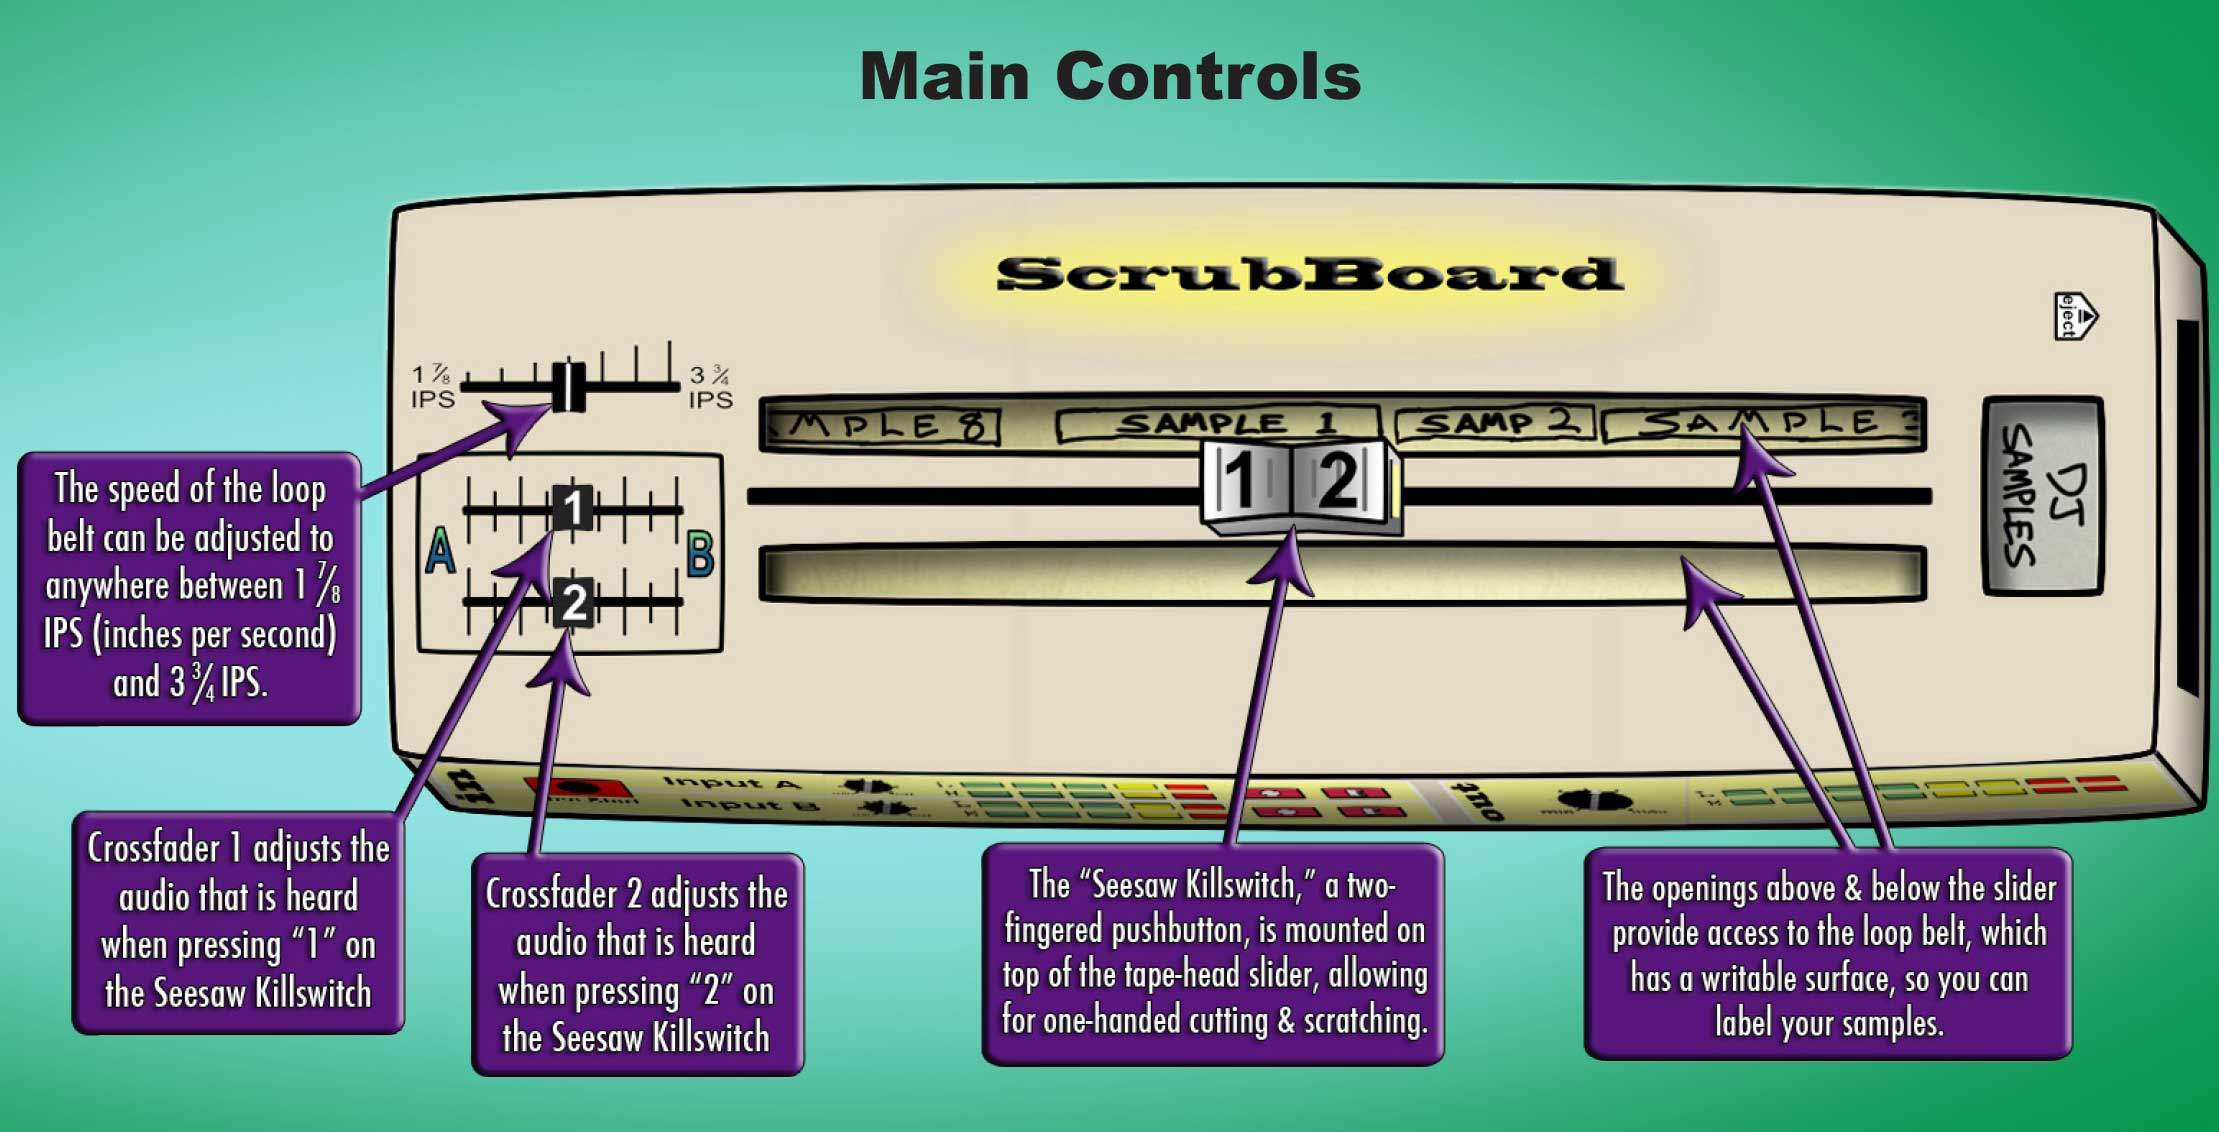 scrubboard tape cassette scratching